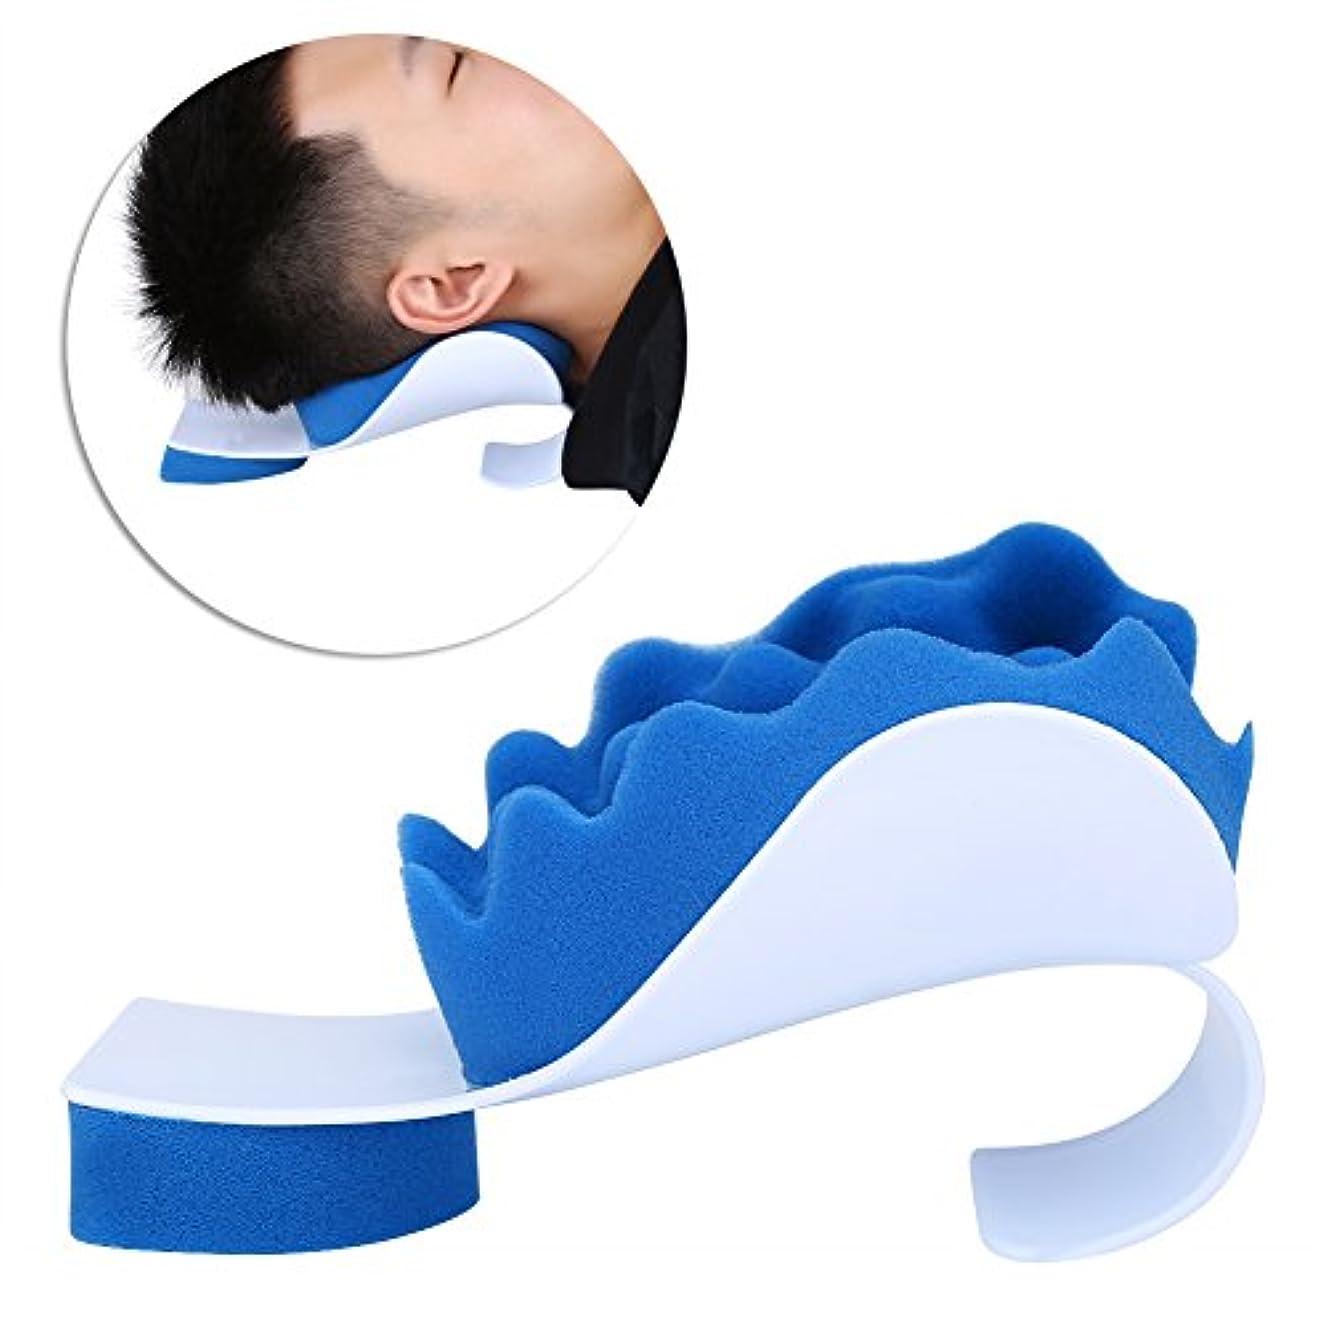 看板物理的なアンソロジー肩首リラックスピロー、最高の肩こりと肩の痛みを緩和する緩和サポートデバイス